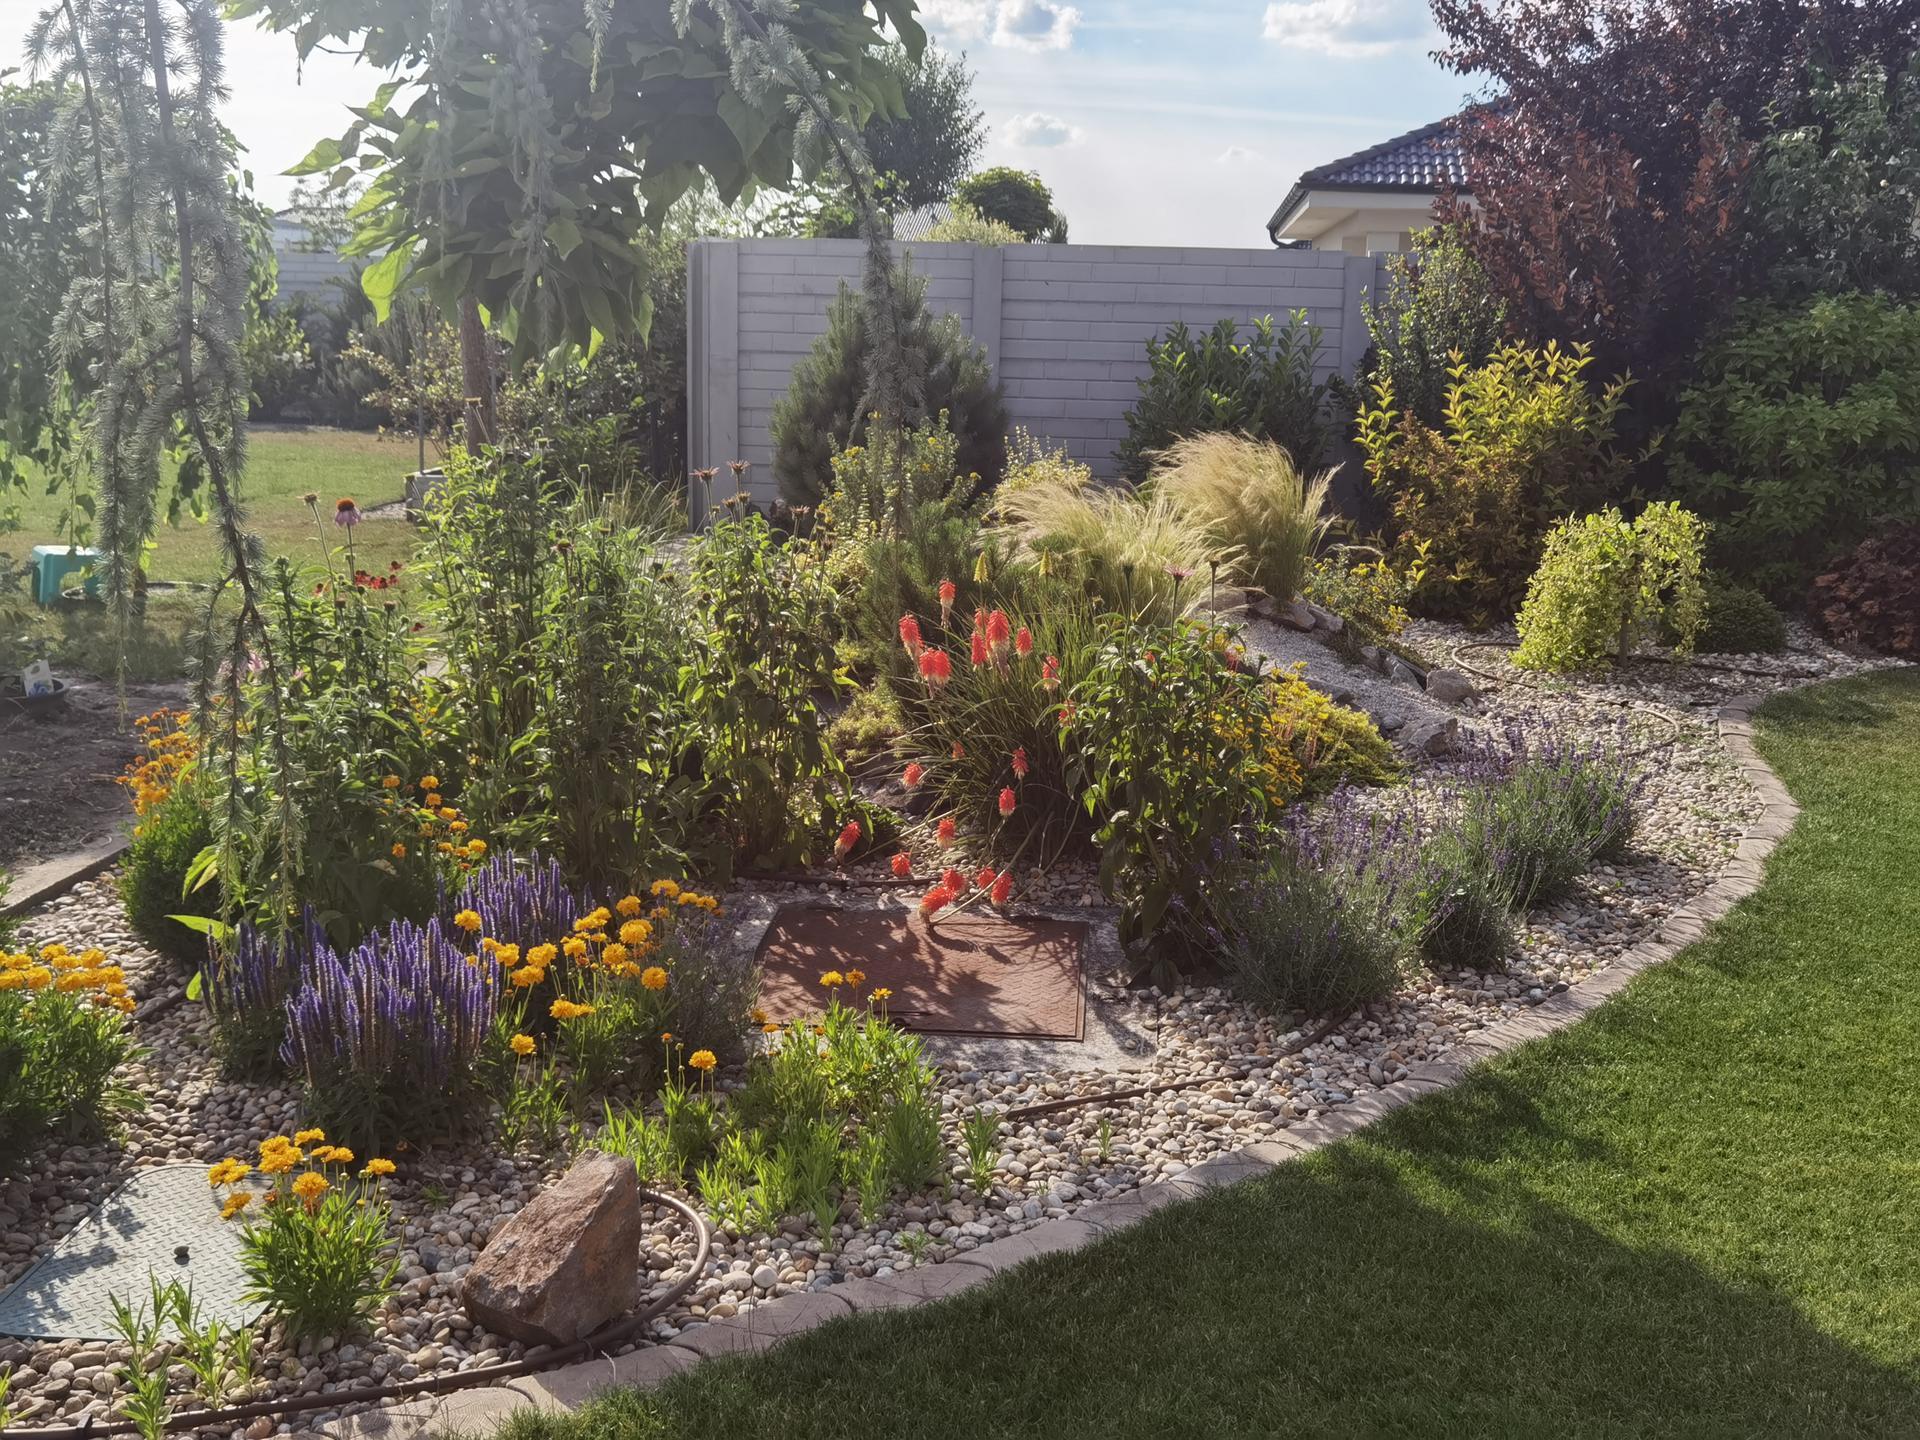 Záhrada 2021 - Obrázok č. 34